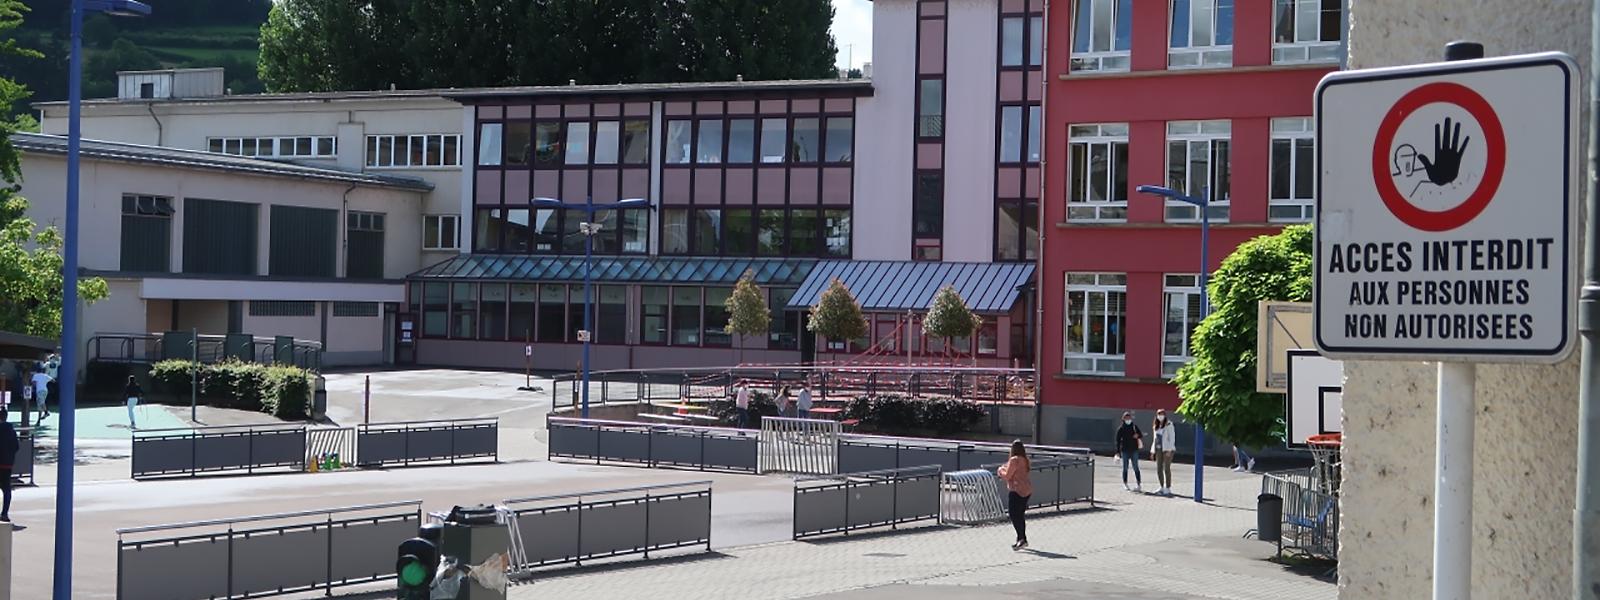 Im Hof der Ettelbrücker Grundschule hatten sich am Freitagabend Jugendliche eine wilde Schlägerei geliefert.